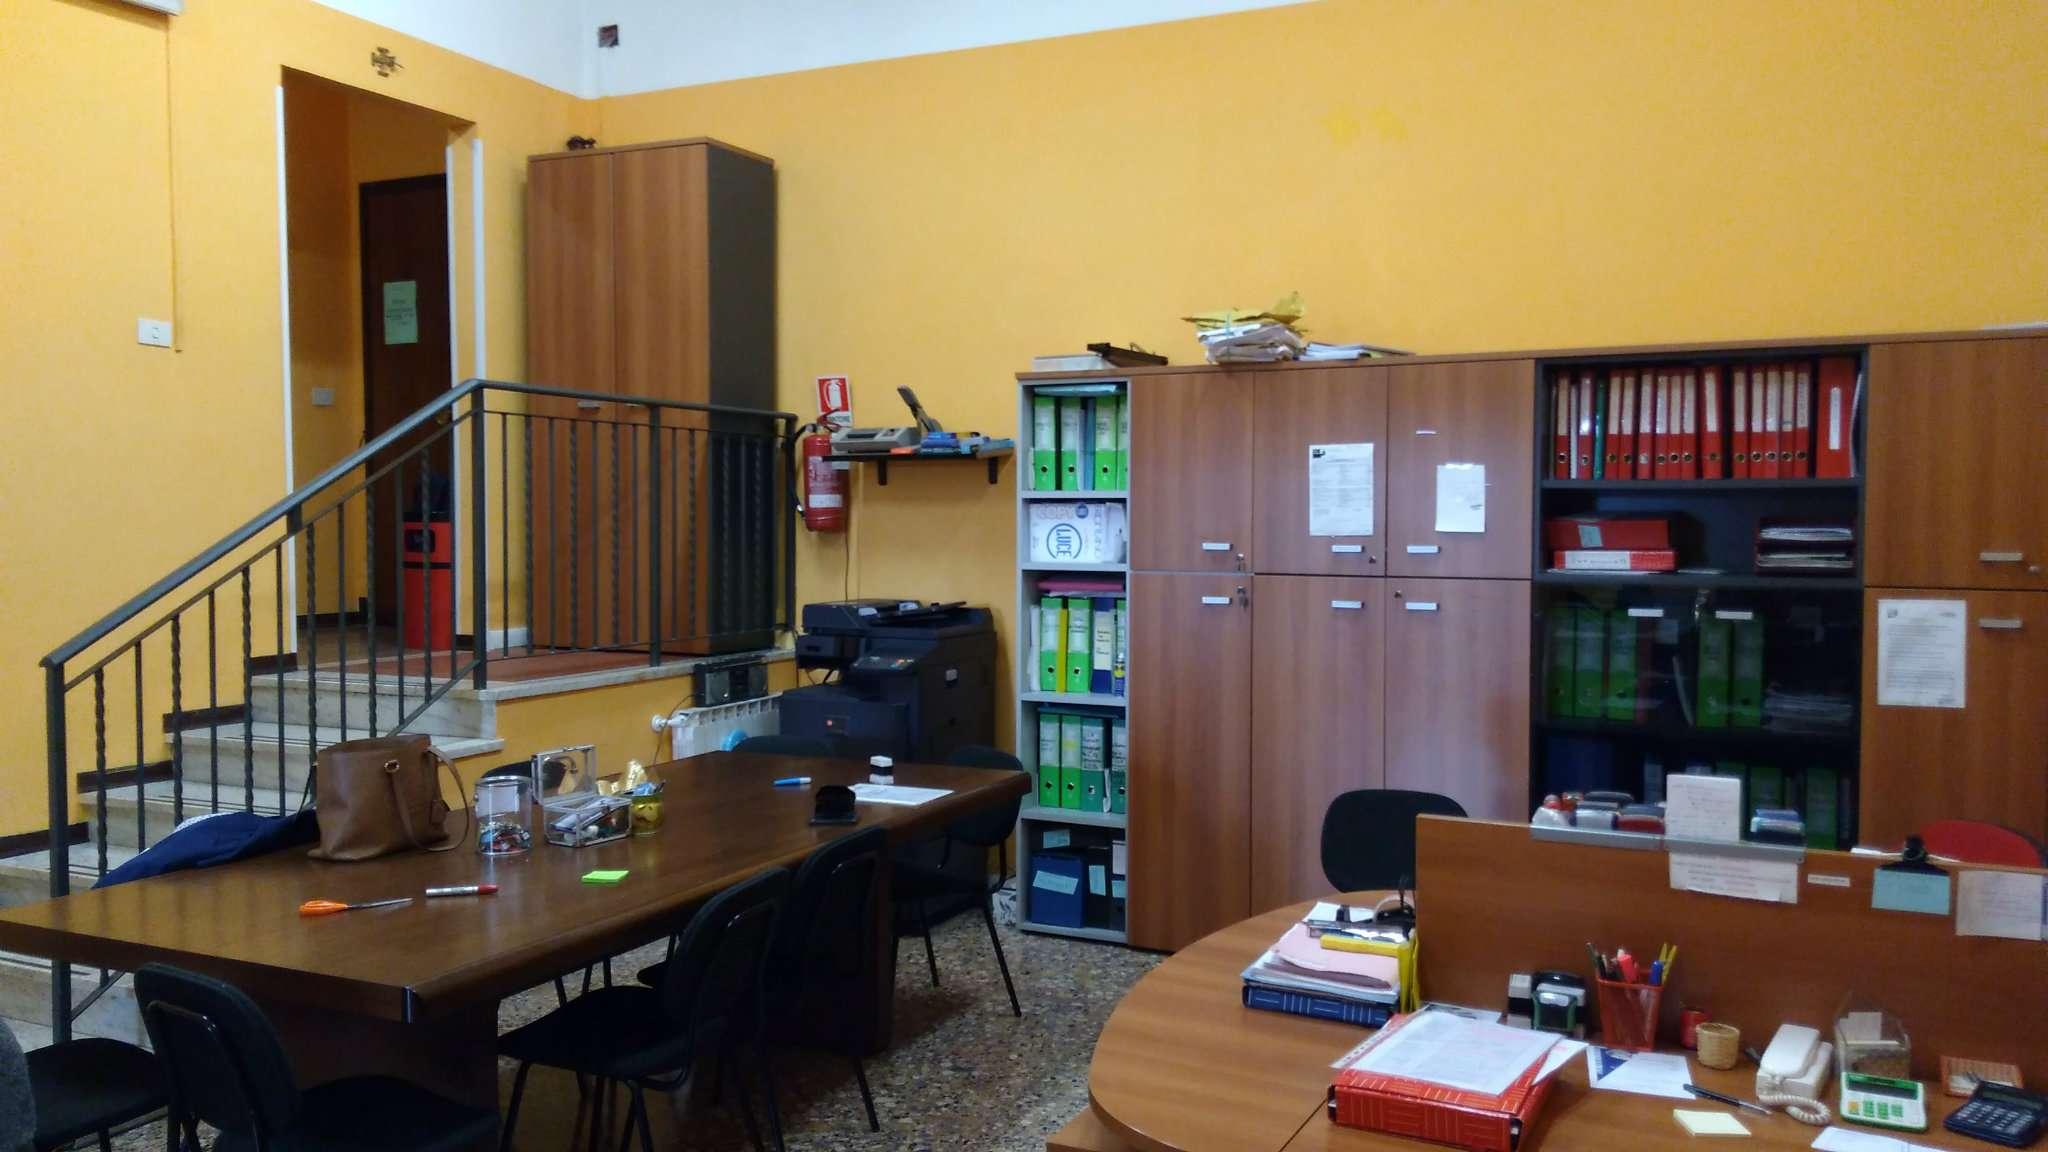 Uffici e studi in affitto a roma pag 9 for Locali uso ufficio in affitto a roma